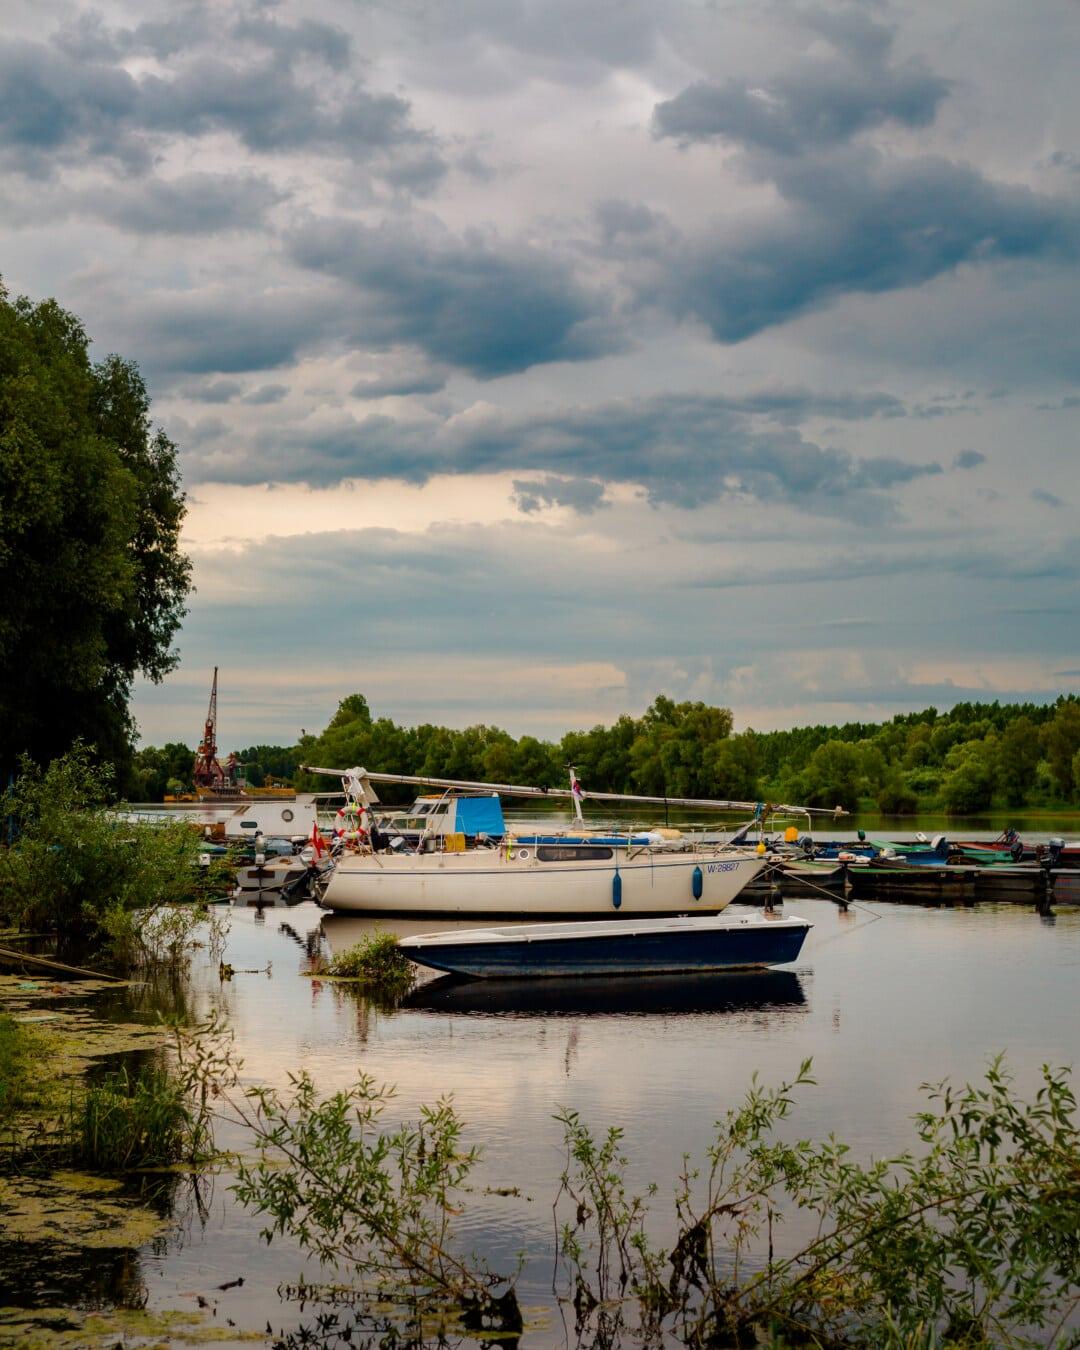 bateaux, voilier, bateau de rivière, berge, rive, rivière, bateau, eau, remise à bateaux, Lac